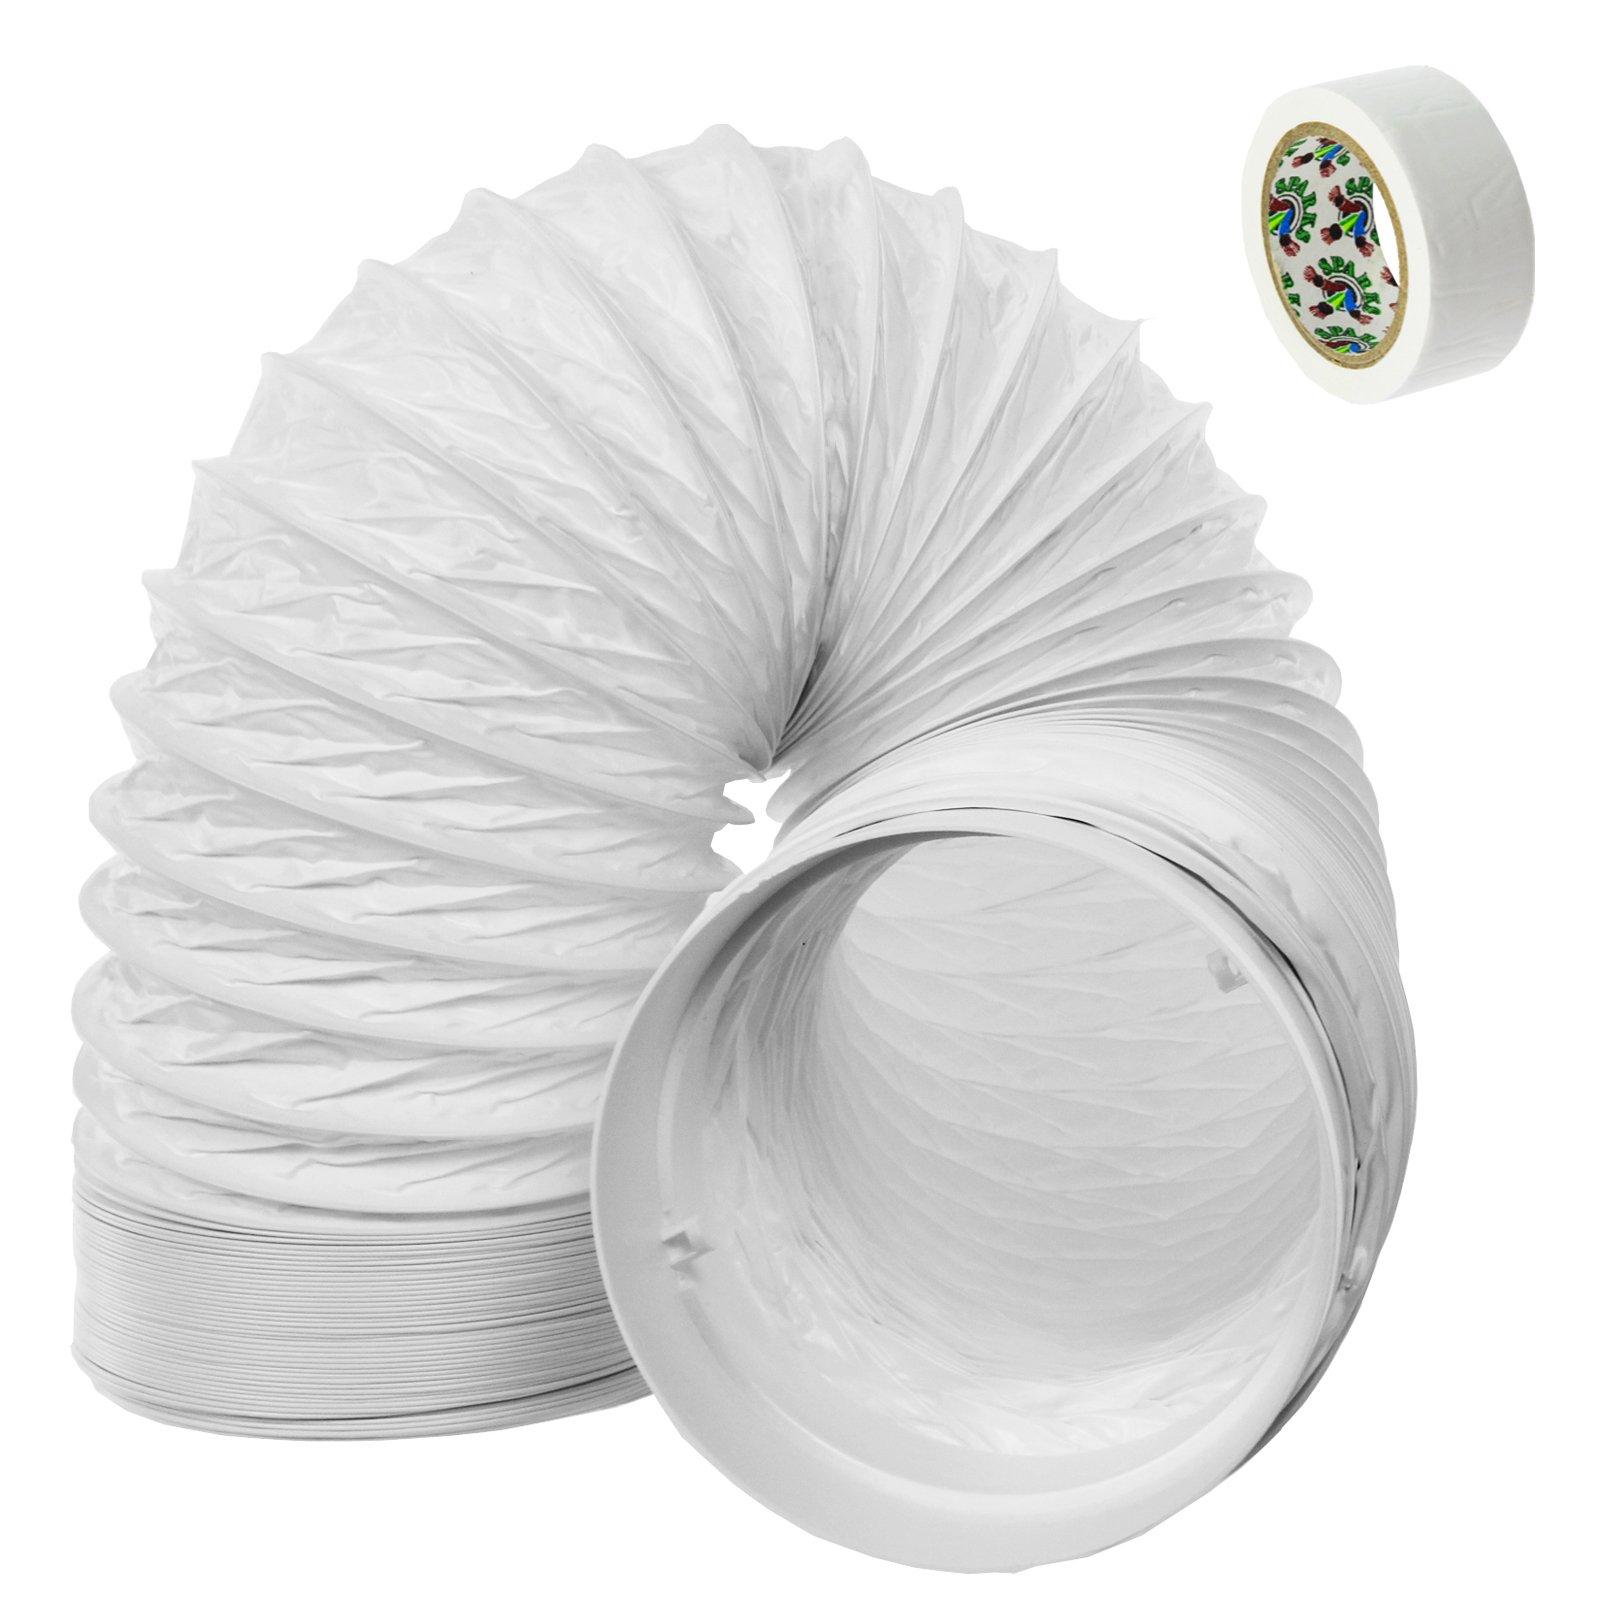 Spares2go Manguera De Tubo De Ventilación Extractor Kit de extensión de PVC para campana de cocina Smeg (3 M, 5